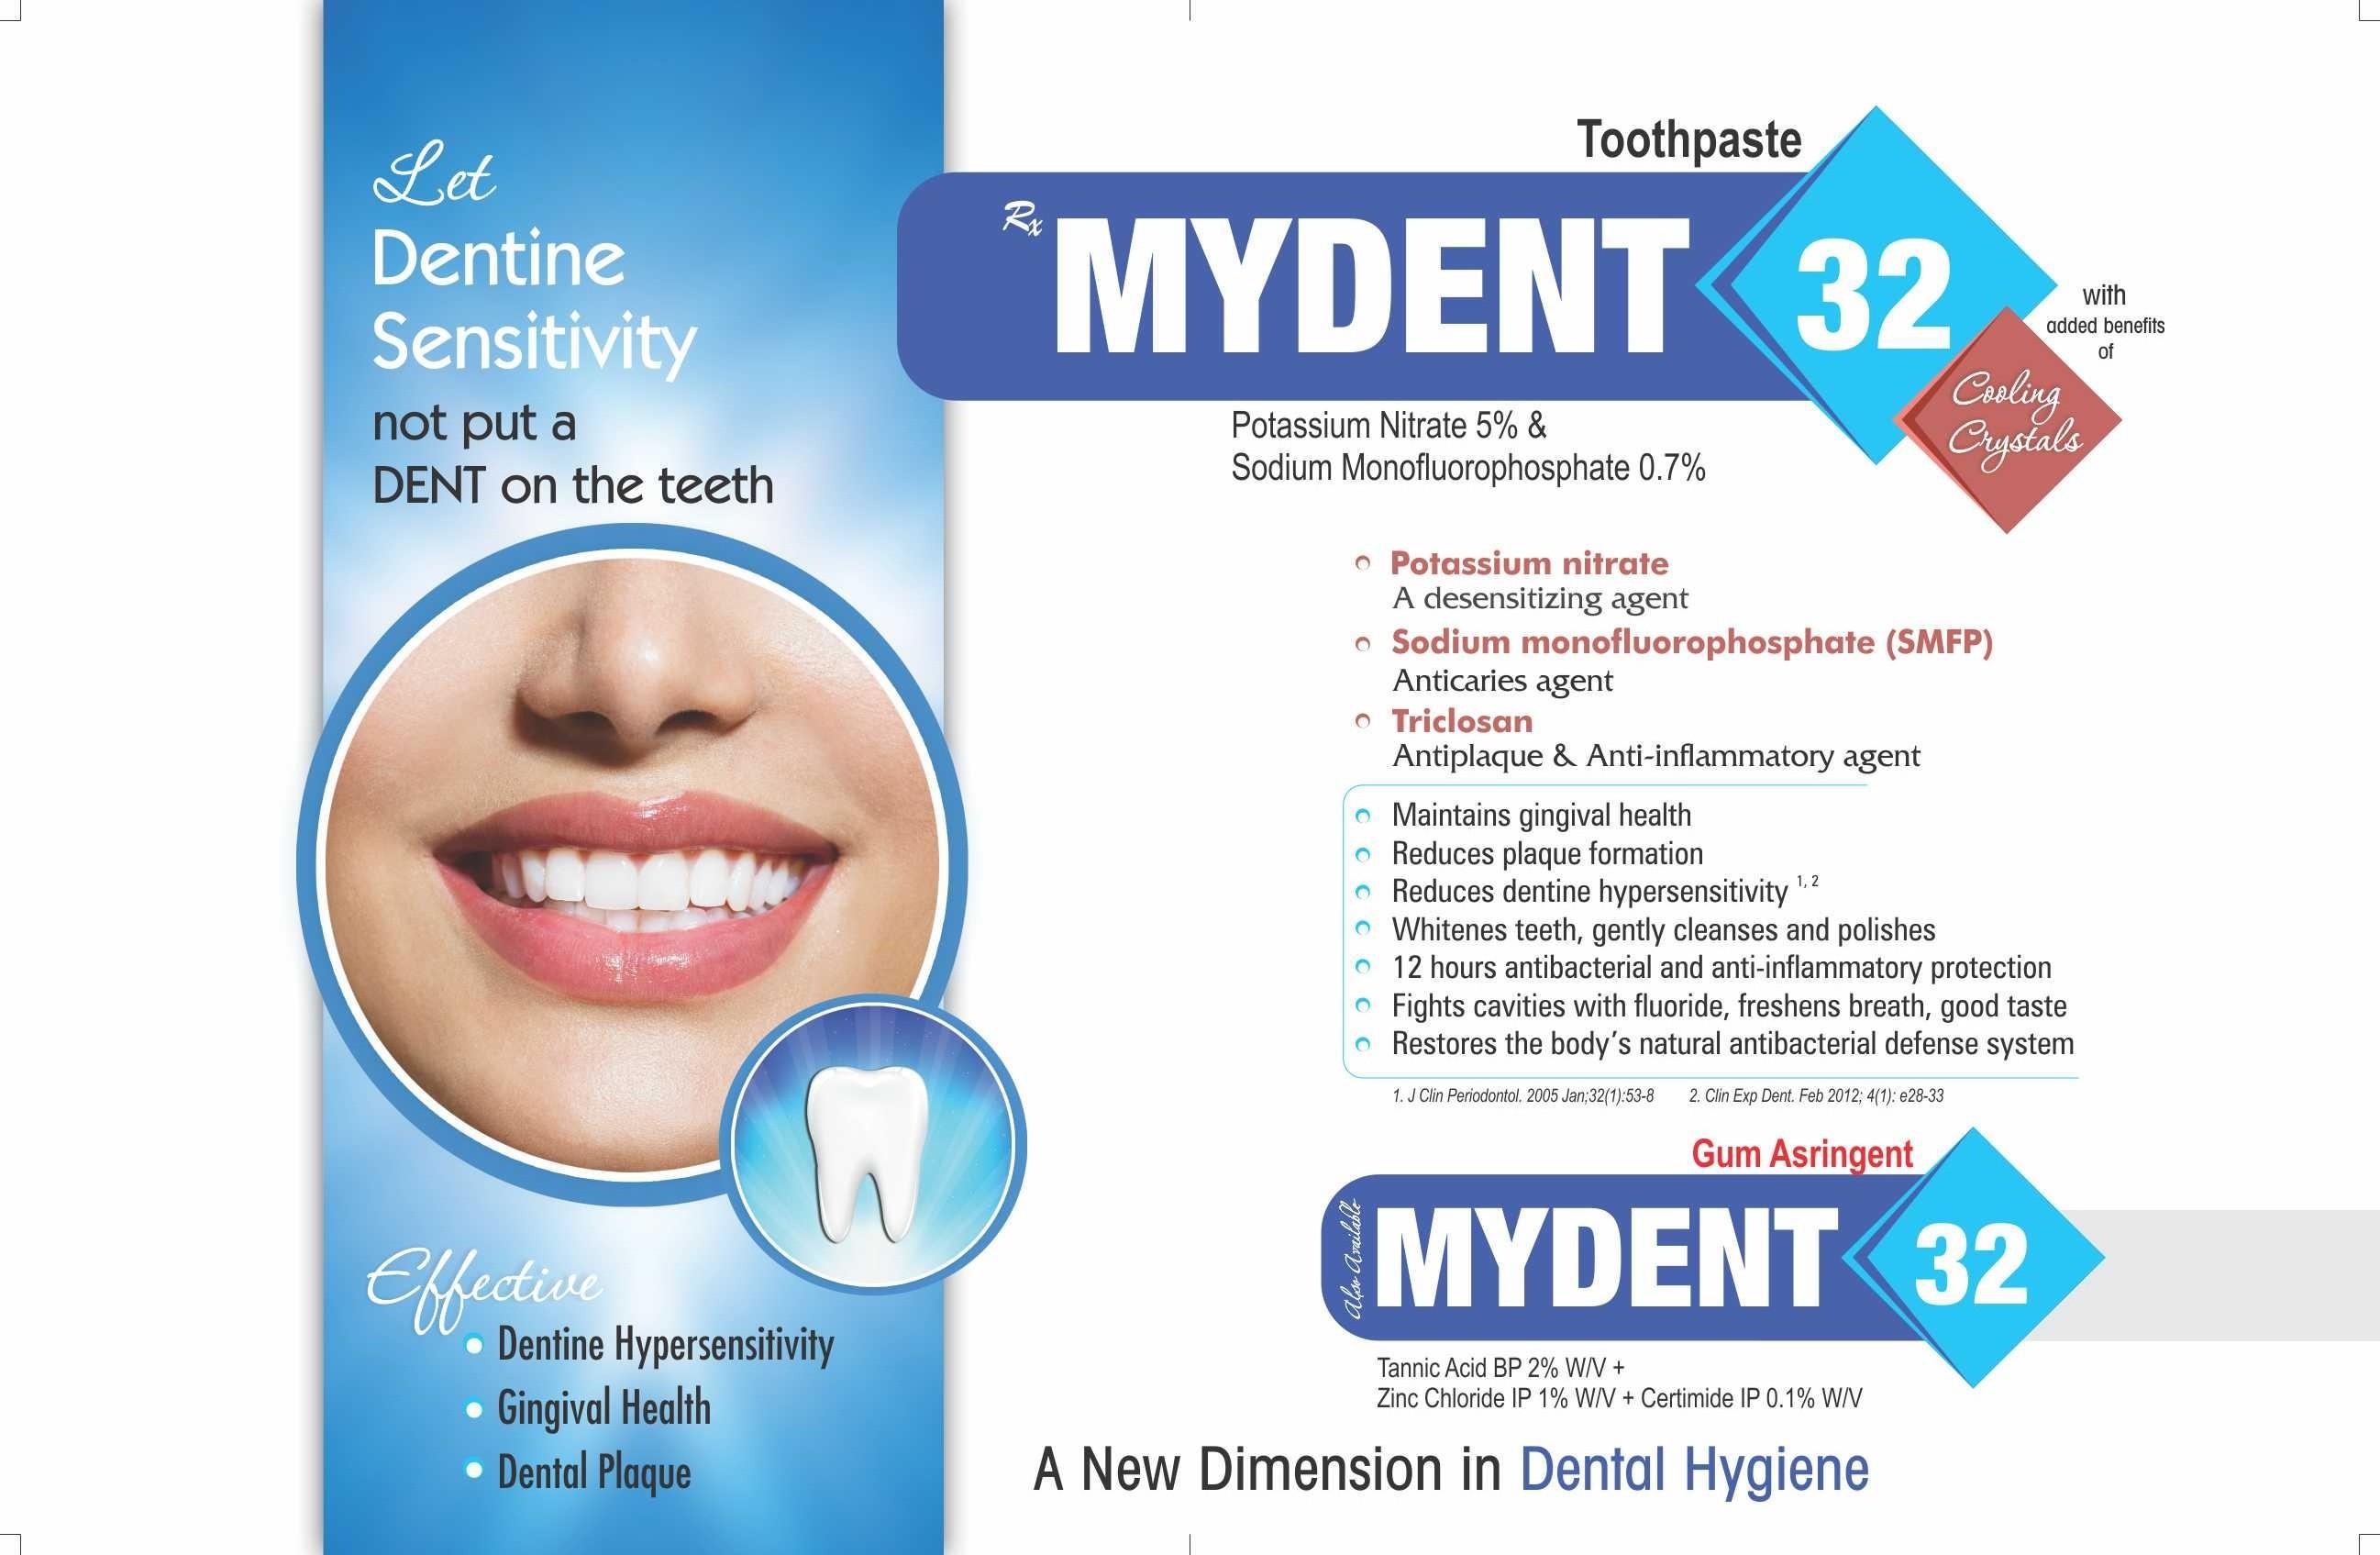 Mydent-32